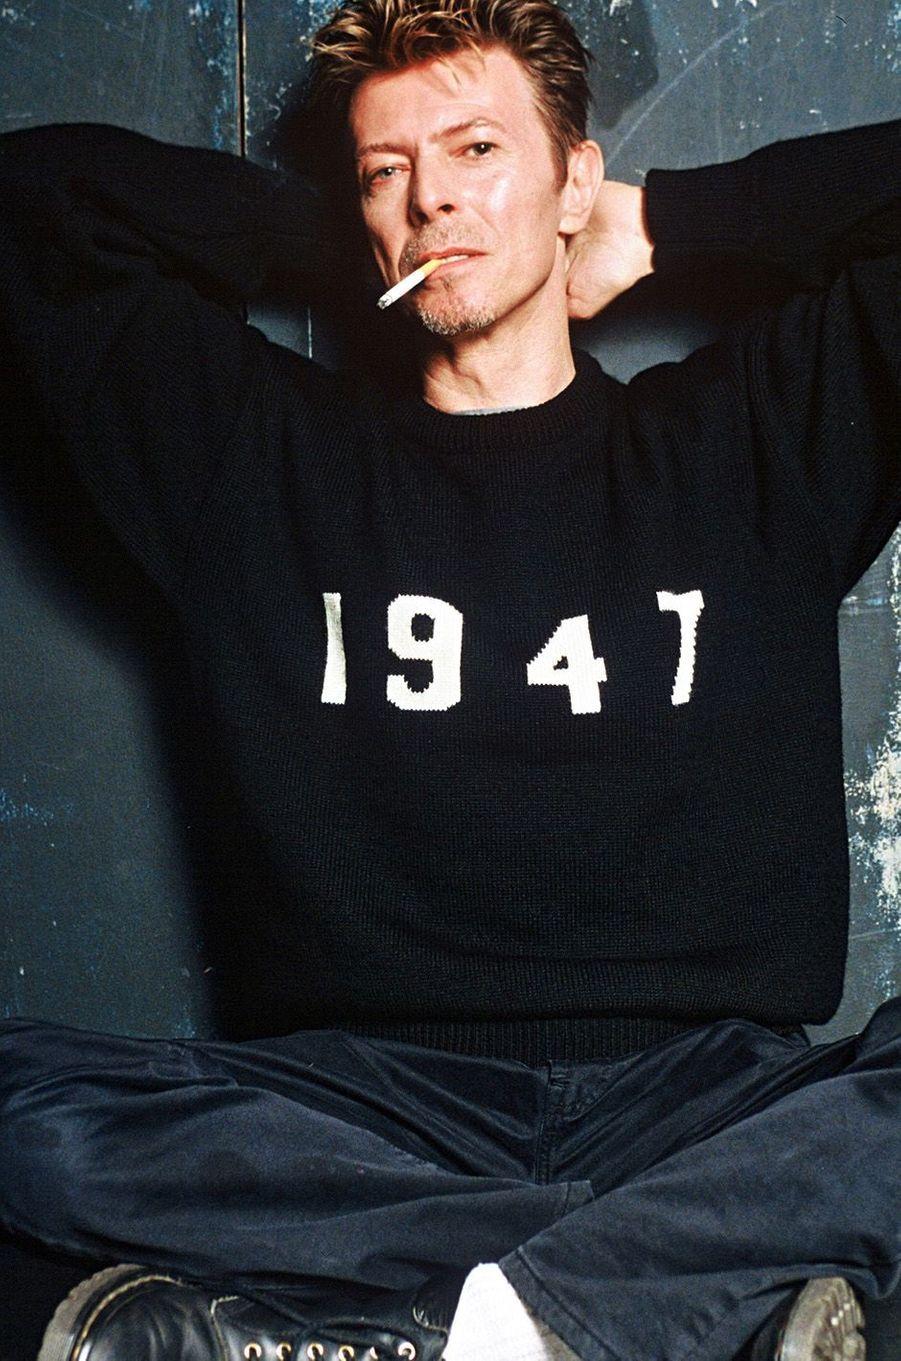 David Bowie, une légende.